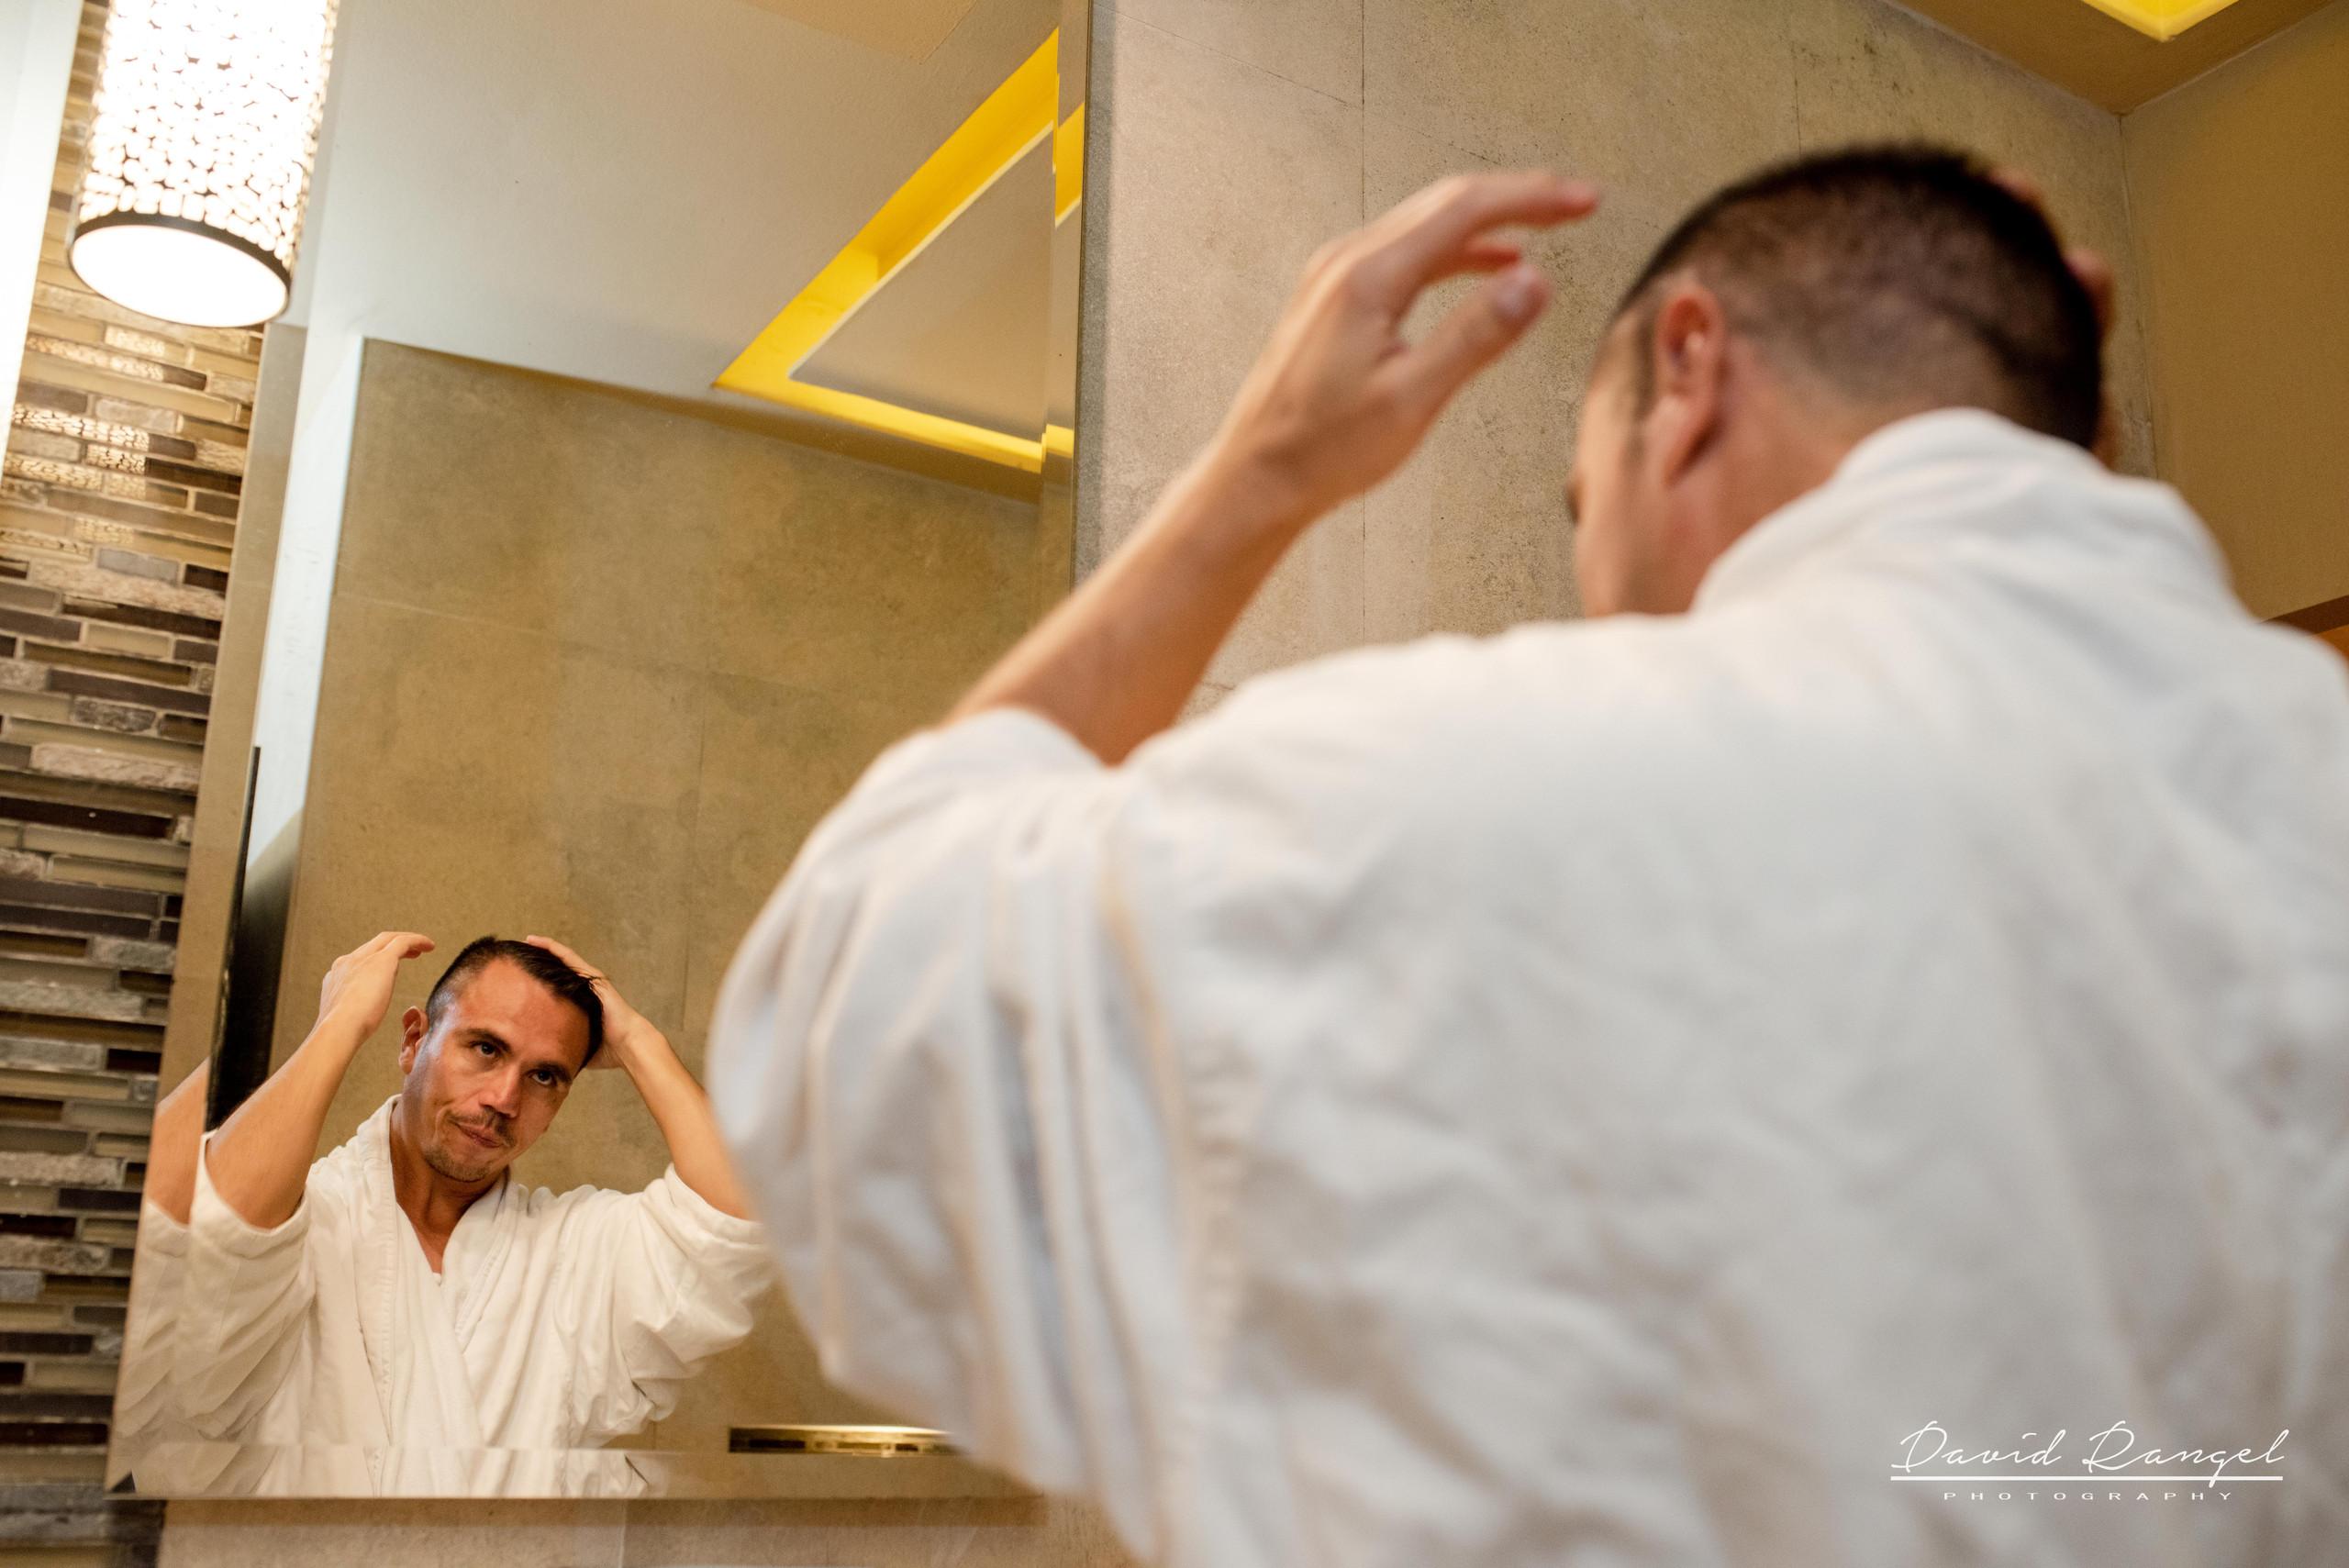 groom+getting+ready+bathroom